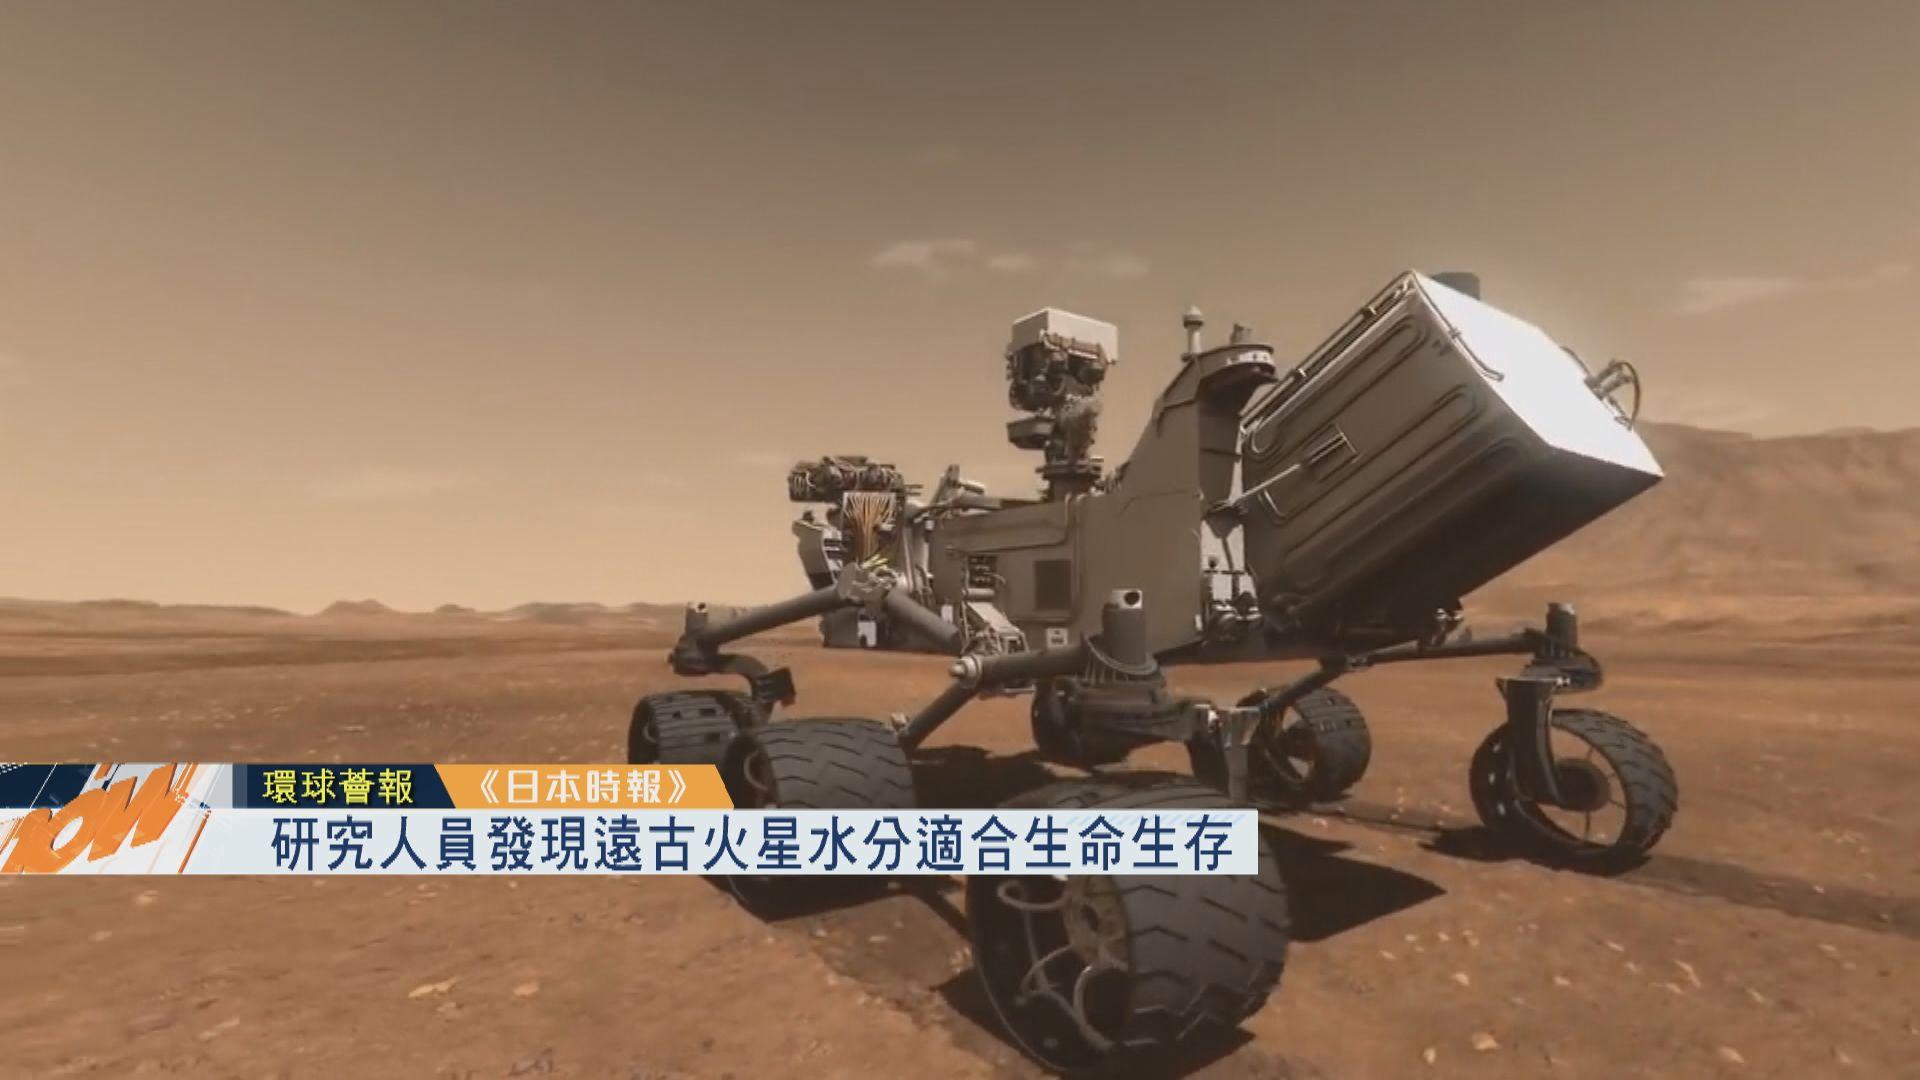 【環球薈報】研究人員發現遠古火星水份